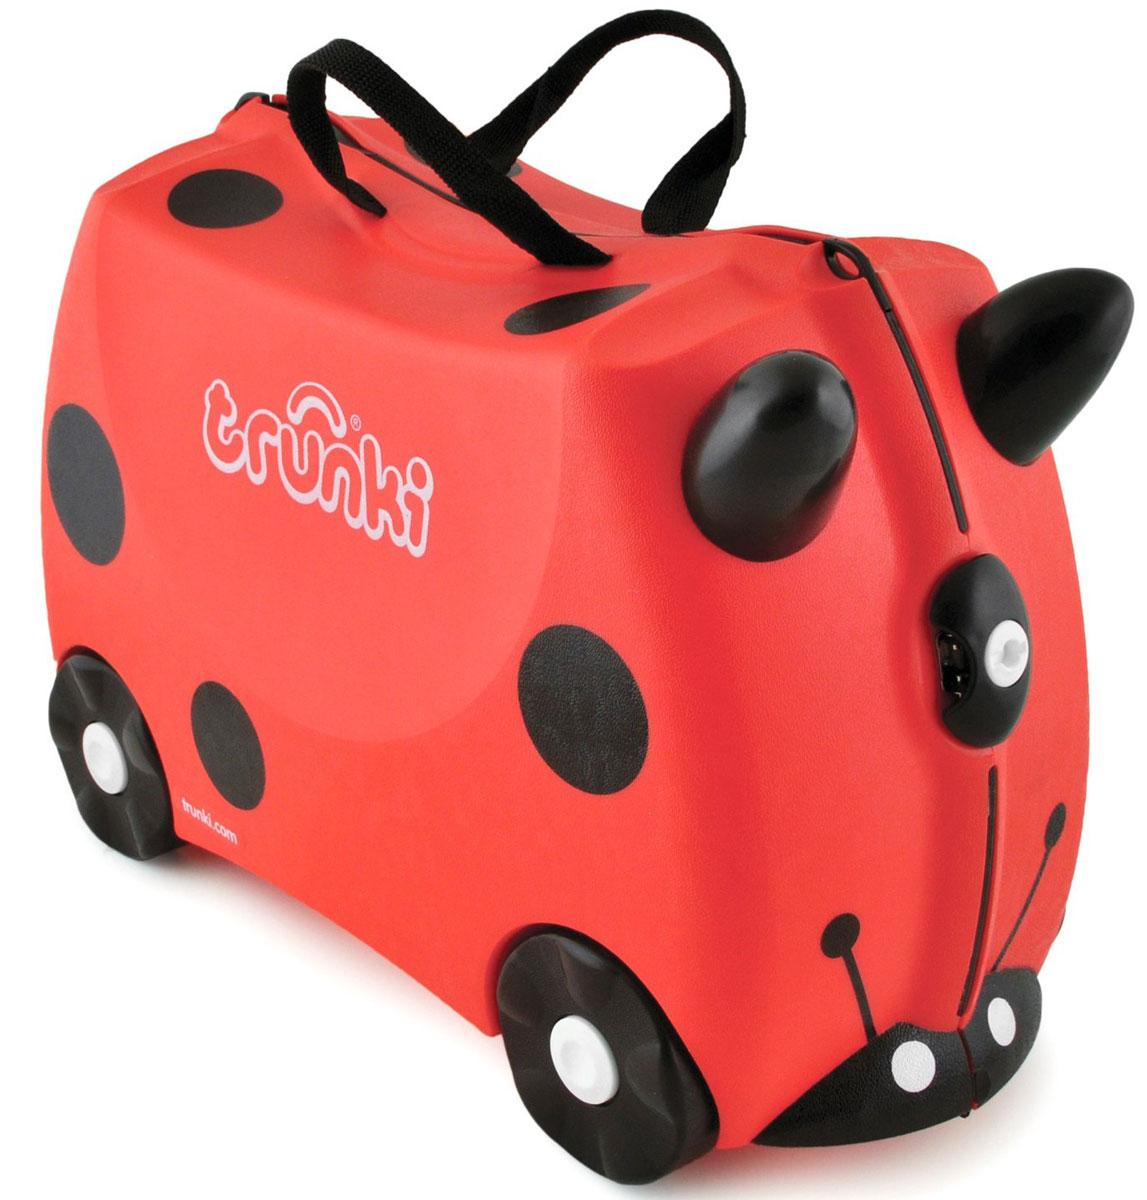 Trunki Чемодан-каталка Божья коровка0092-GB01-P1Детский чемодан-каталка Trunki Божья коровка - оригинальный чемодан на колесах, созданный, чтобы избавить маленьких путешественников от скуки и усталости. Корпус чемодана выполнен в форме седла, чтобы маленькому наезднику было комфортно сидеть. Его расцветка напоминает божью коровку, и когда катишься на нем, можно представлять, что летишь над землей на спине гигантского насекомого. Малыш может держаться за специальные рожки на передней части чемодана. Форма рожек специально разработана для детских ручек. Чемодан имеет 4 колеса и стабилизаторы, которые не позволят чемодану опрокинуться. Для переноски у чемодана предусмотрены 2 текстильные ручки, а также ремень через плечо, который можно использовать для буксировки чемодана. Чемодан содержит вместительное отделение с фиксирующейся Х- образной резинкой. Также в чемодане имеется длинный кармашек для мелочей. Закрывается чемодан на две защелки. Крышка чемодана плотно прилегает к основанию, уплотнитель между...